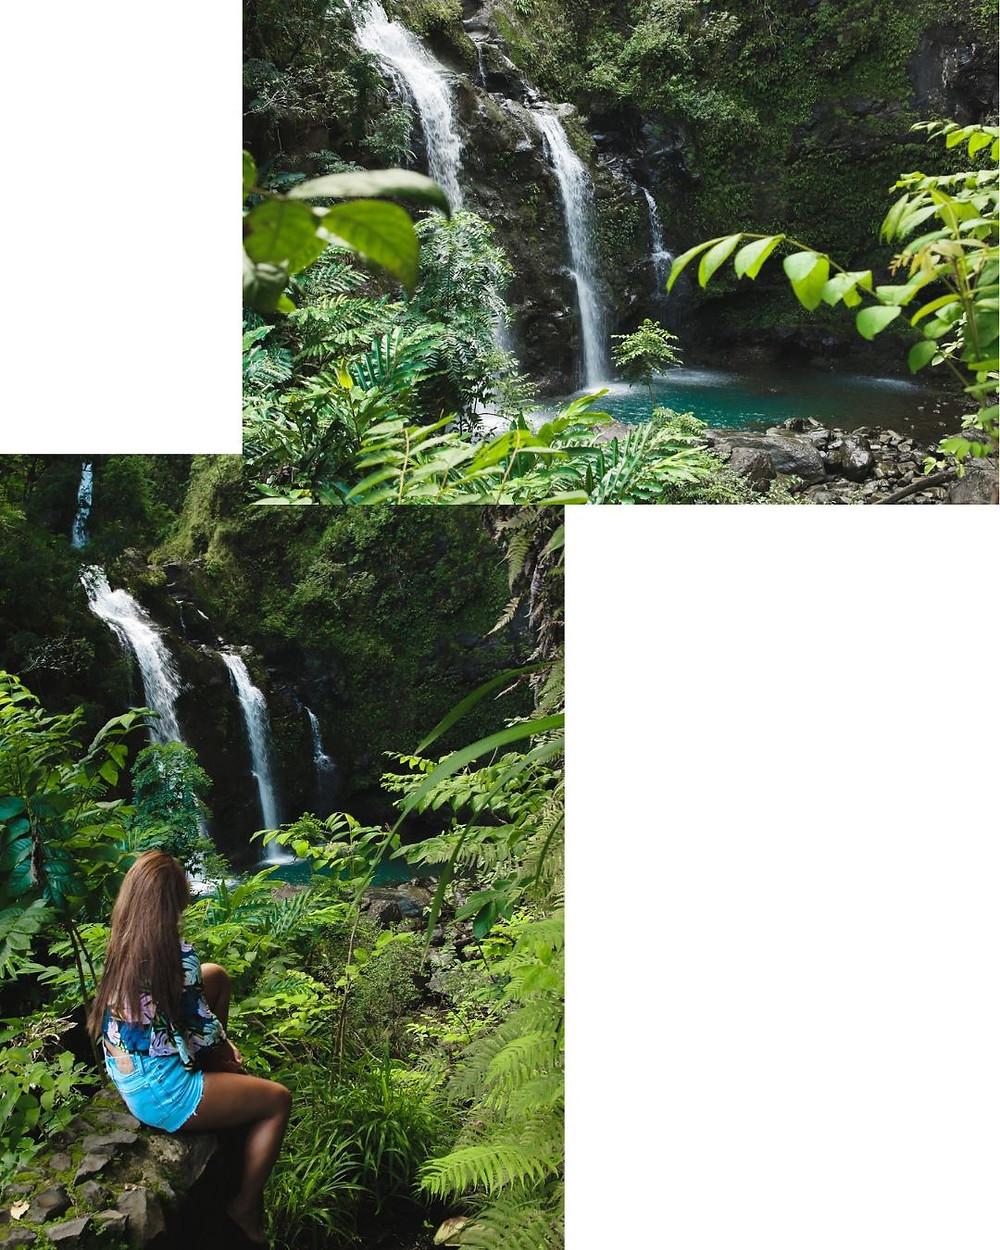 マウイ島旅行、おススメ観光スポット、ハナへの道